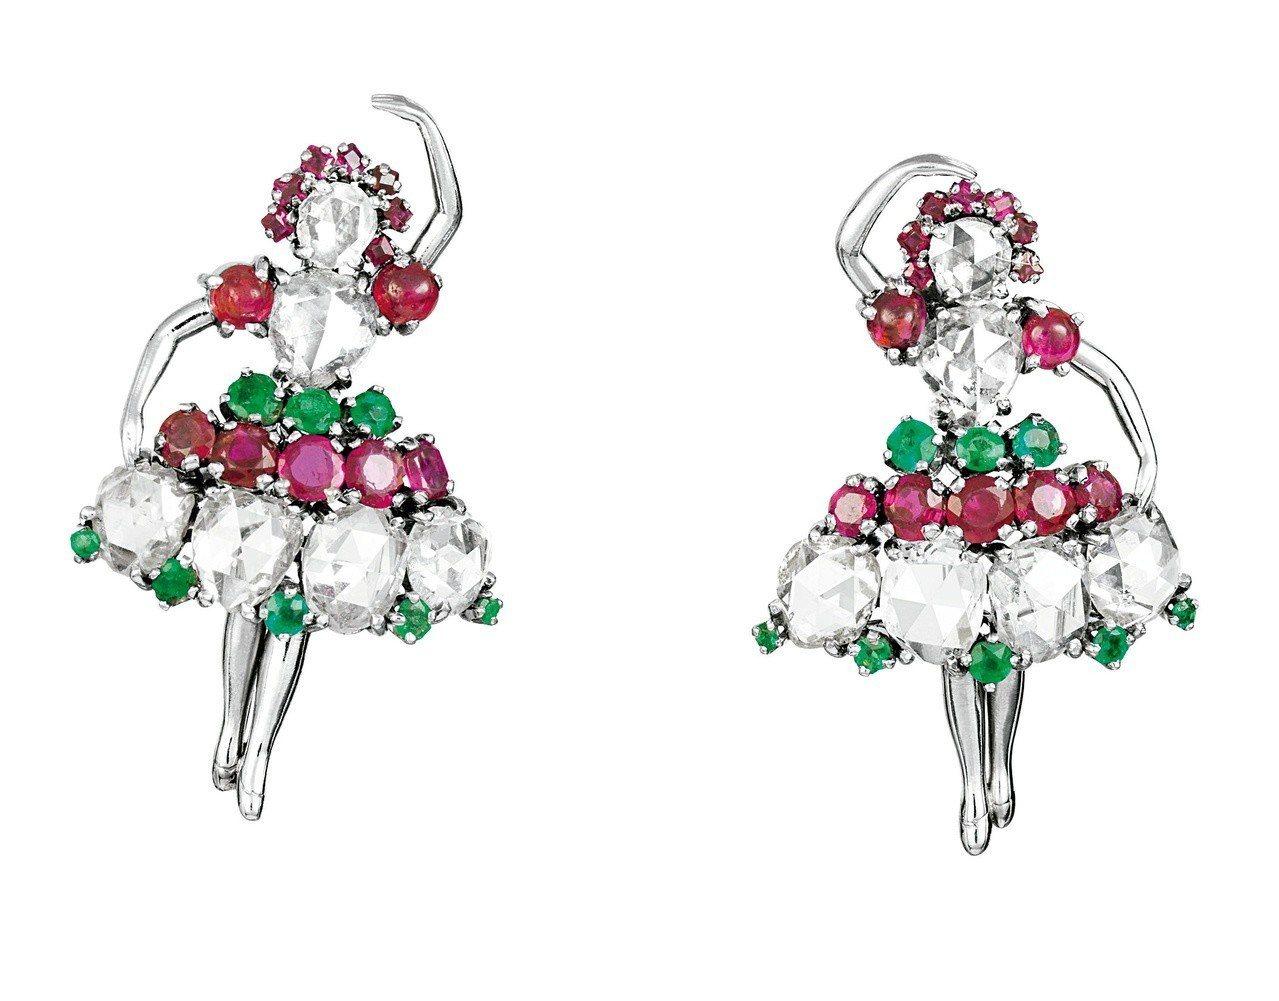 Ballerina別針,Van Cleef & Arpels梵克雅寶典藏,194...